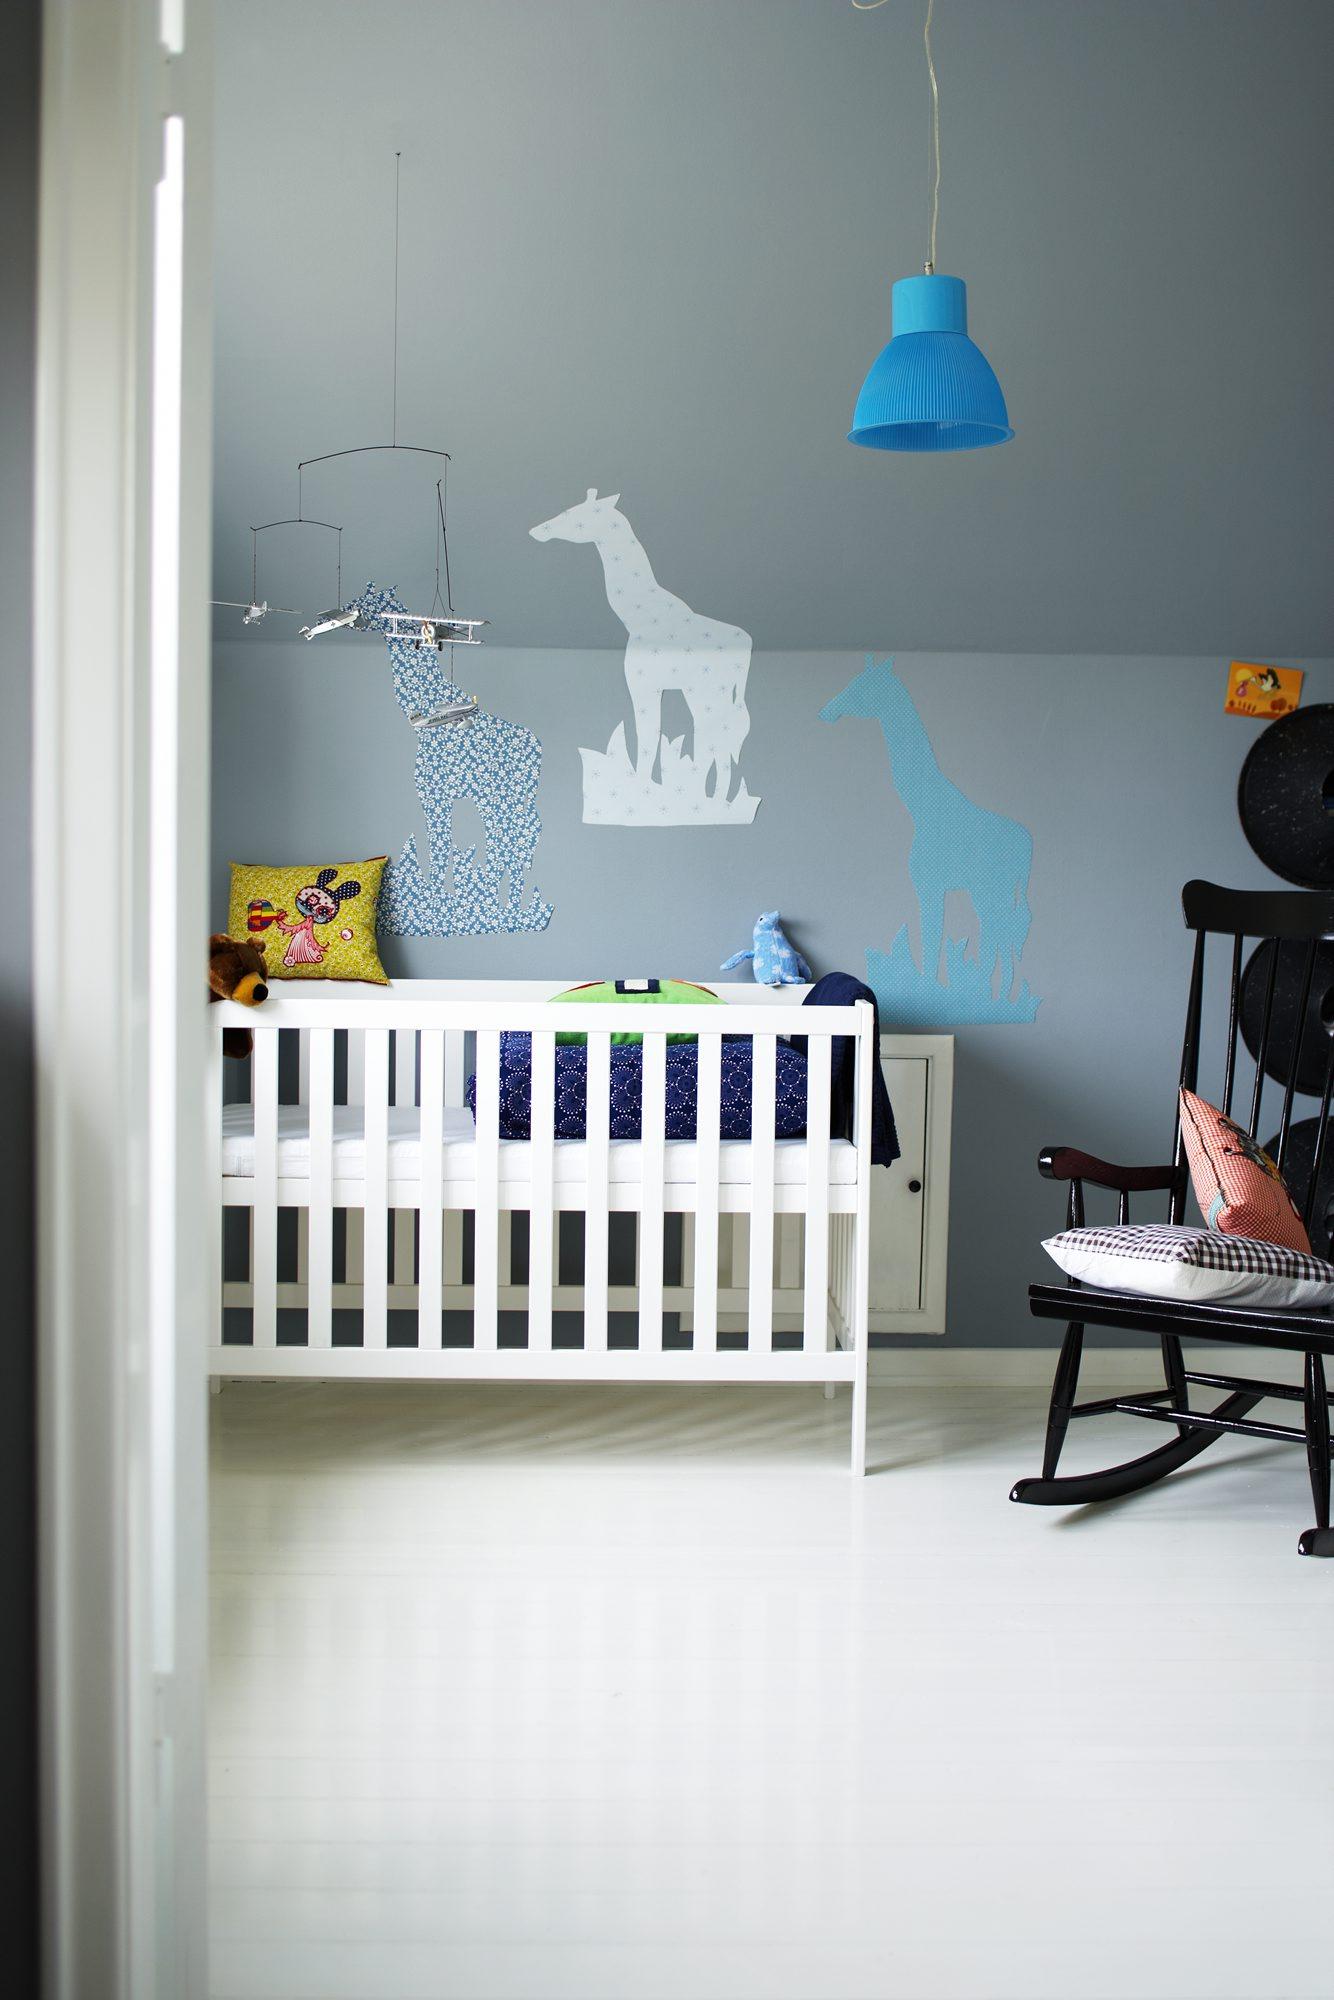 Enorm Piff opp barnerommet billig og enkelt – Rom123 OA-57